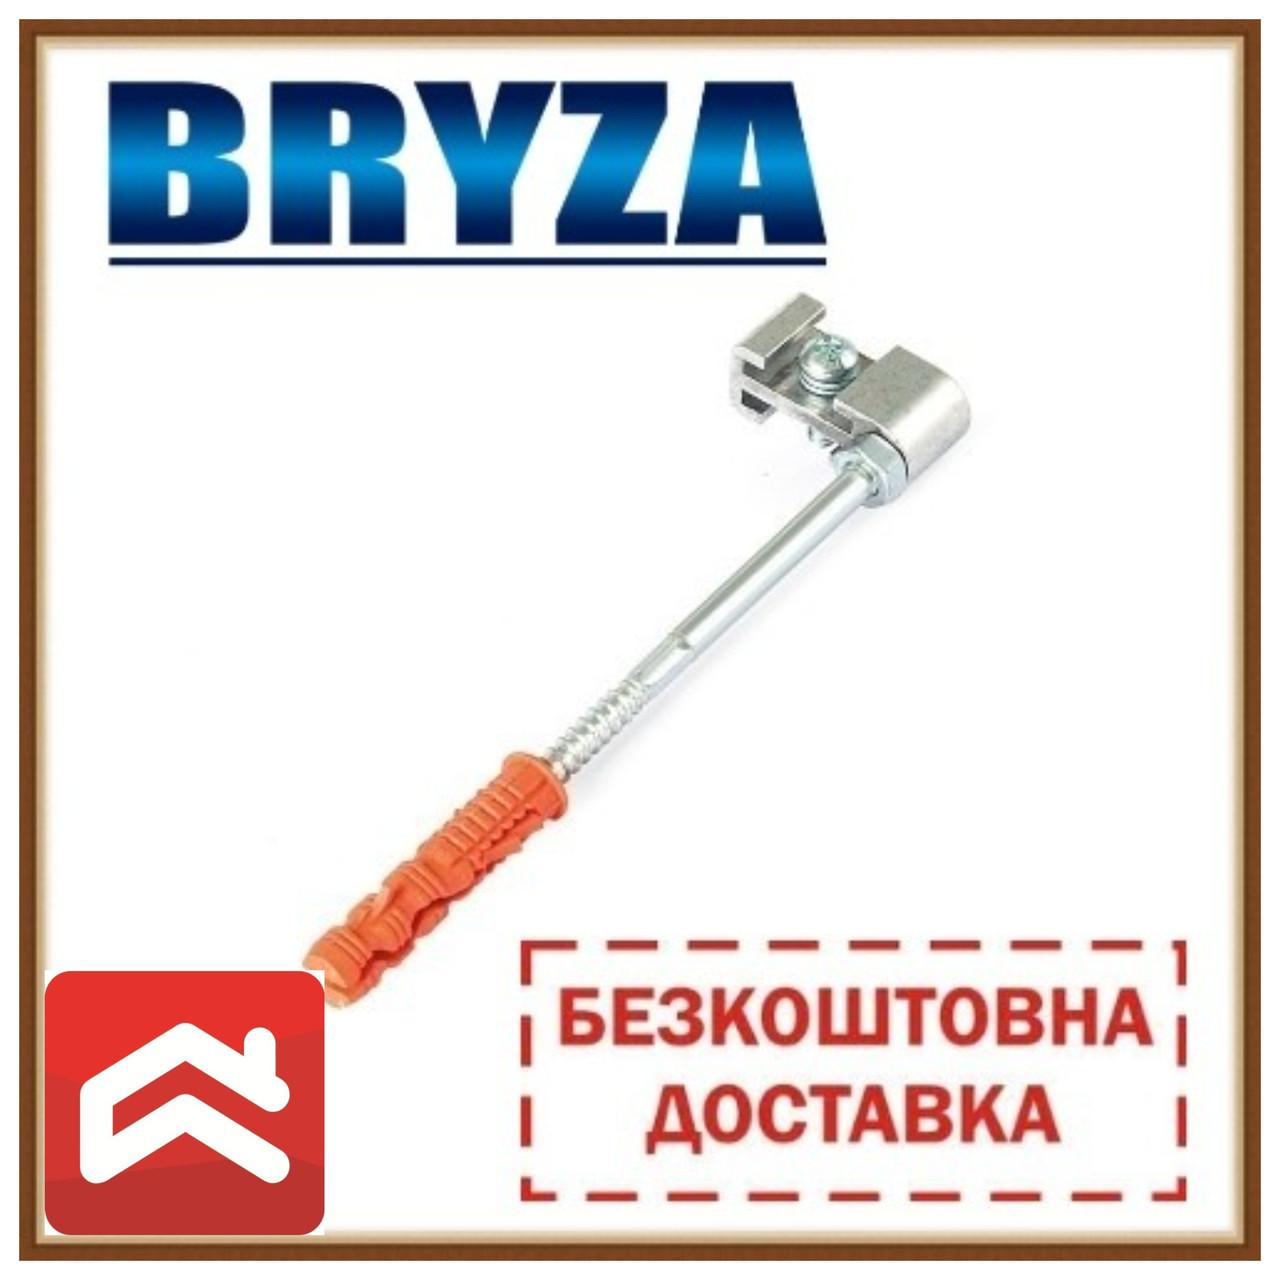 Дюбель 180 мм BRYZA. Безкоштовна доставка!